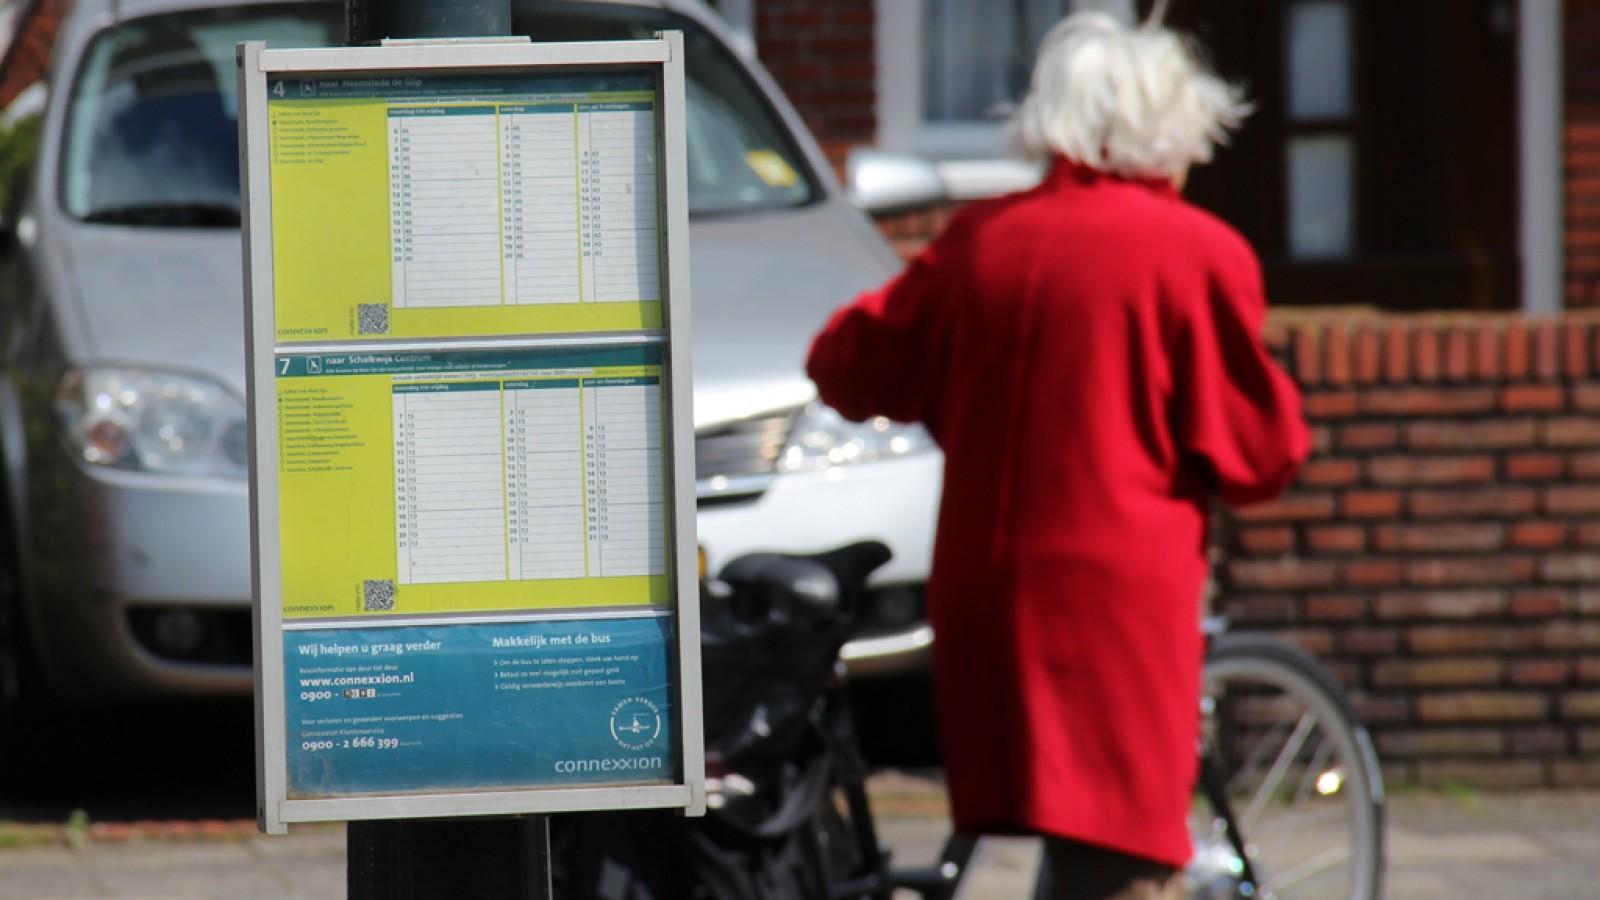 Goois busvervoer vanaf volgend jaar geheel elektrisch, vanaf 2023 meer buslijnen